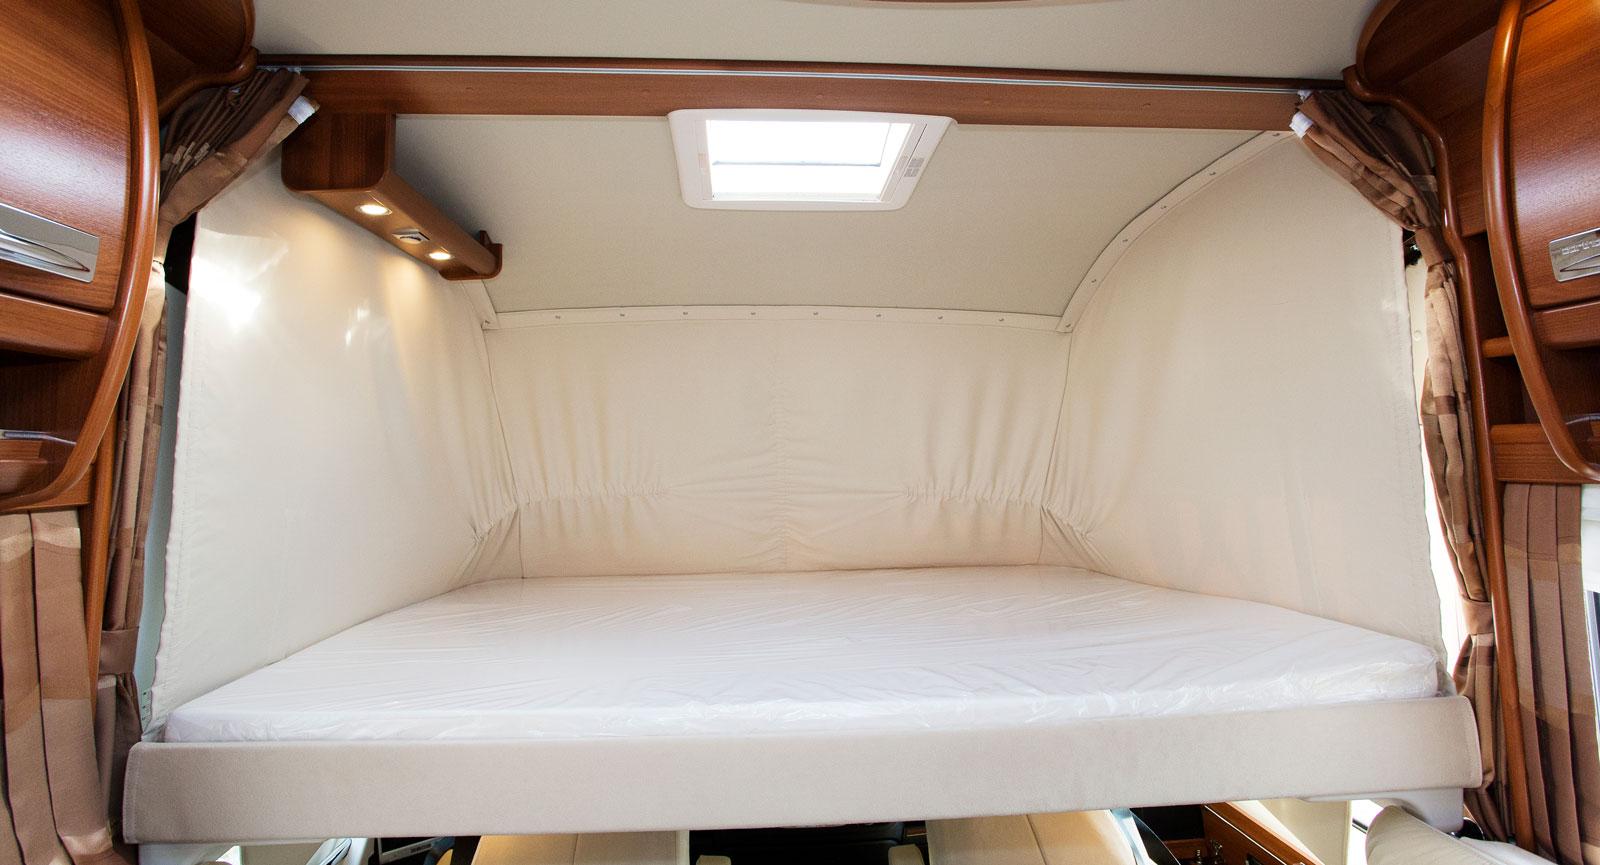 Soffvägen. Över förarplatsen finns en riktigt skön säng. Det behövs ingen stege utan man kliver helt enkelt upp via soffan till höger.